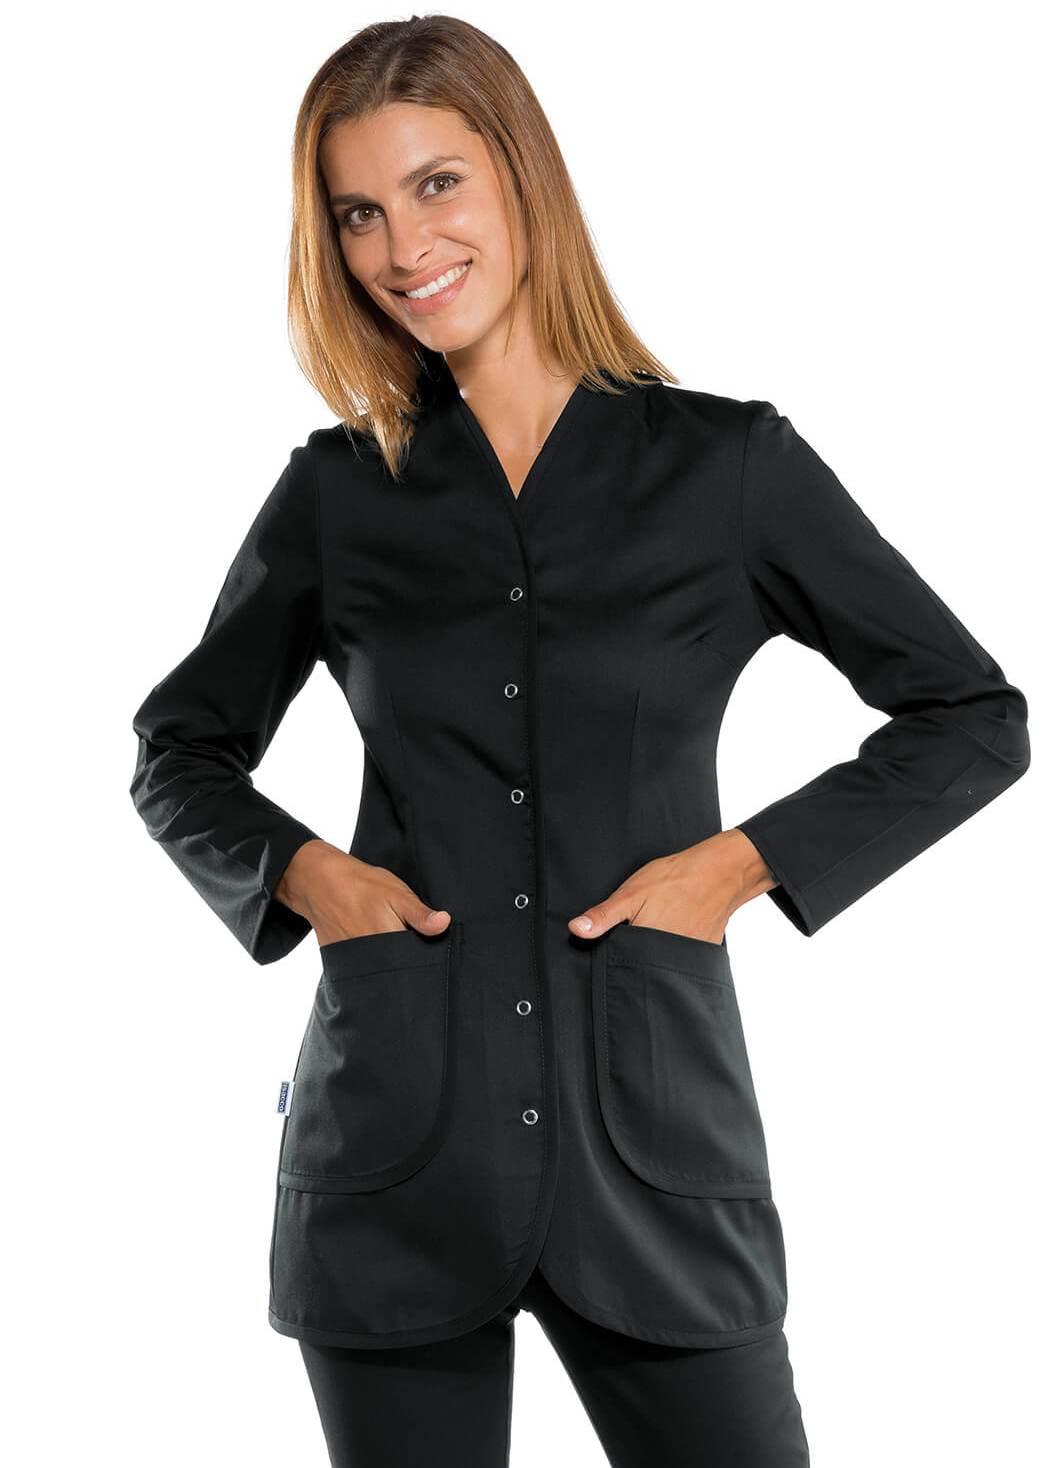 blouse de travail noire blouses m dicales femme pas cheres. Black Bedroom Furniture Sets. Home Design Ideas